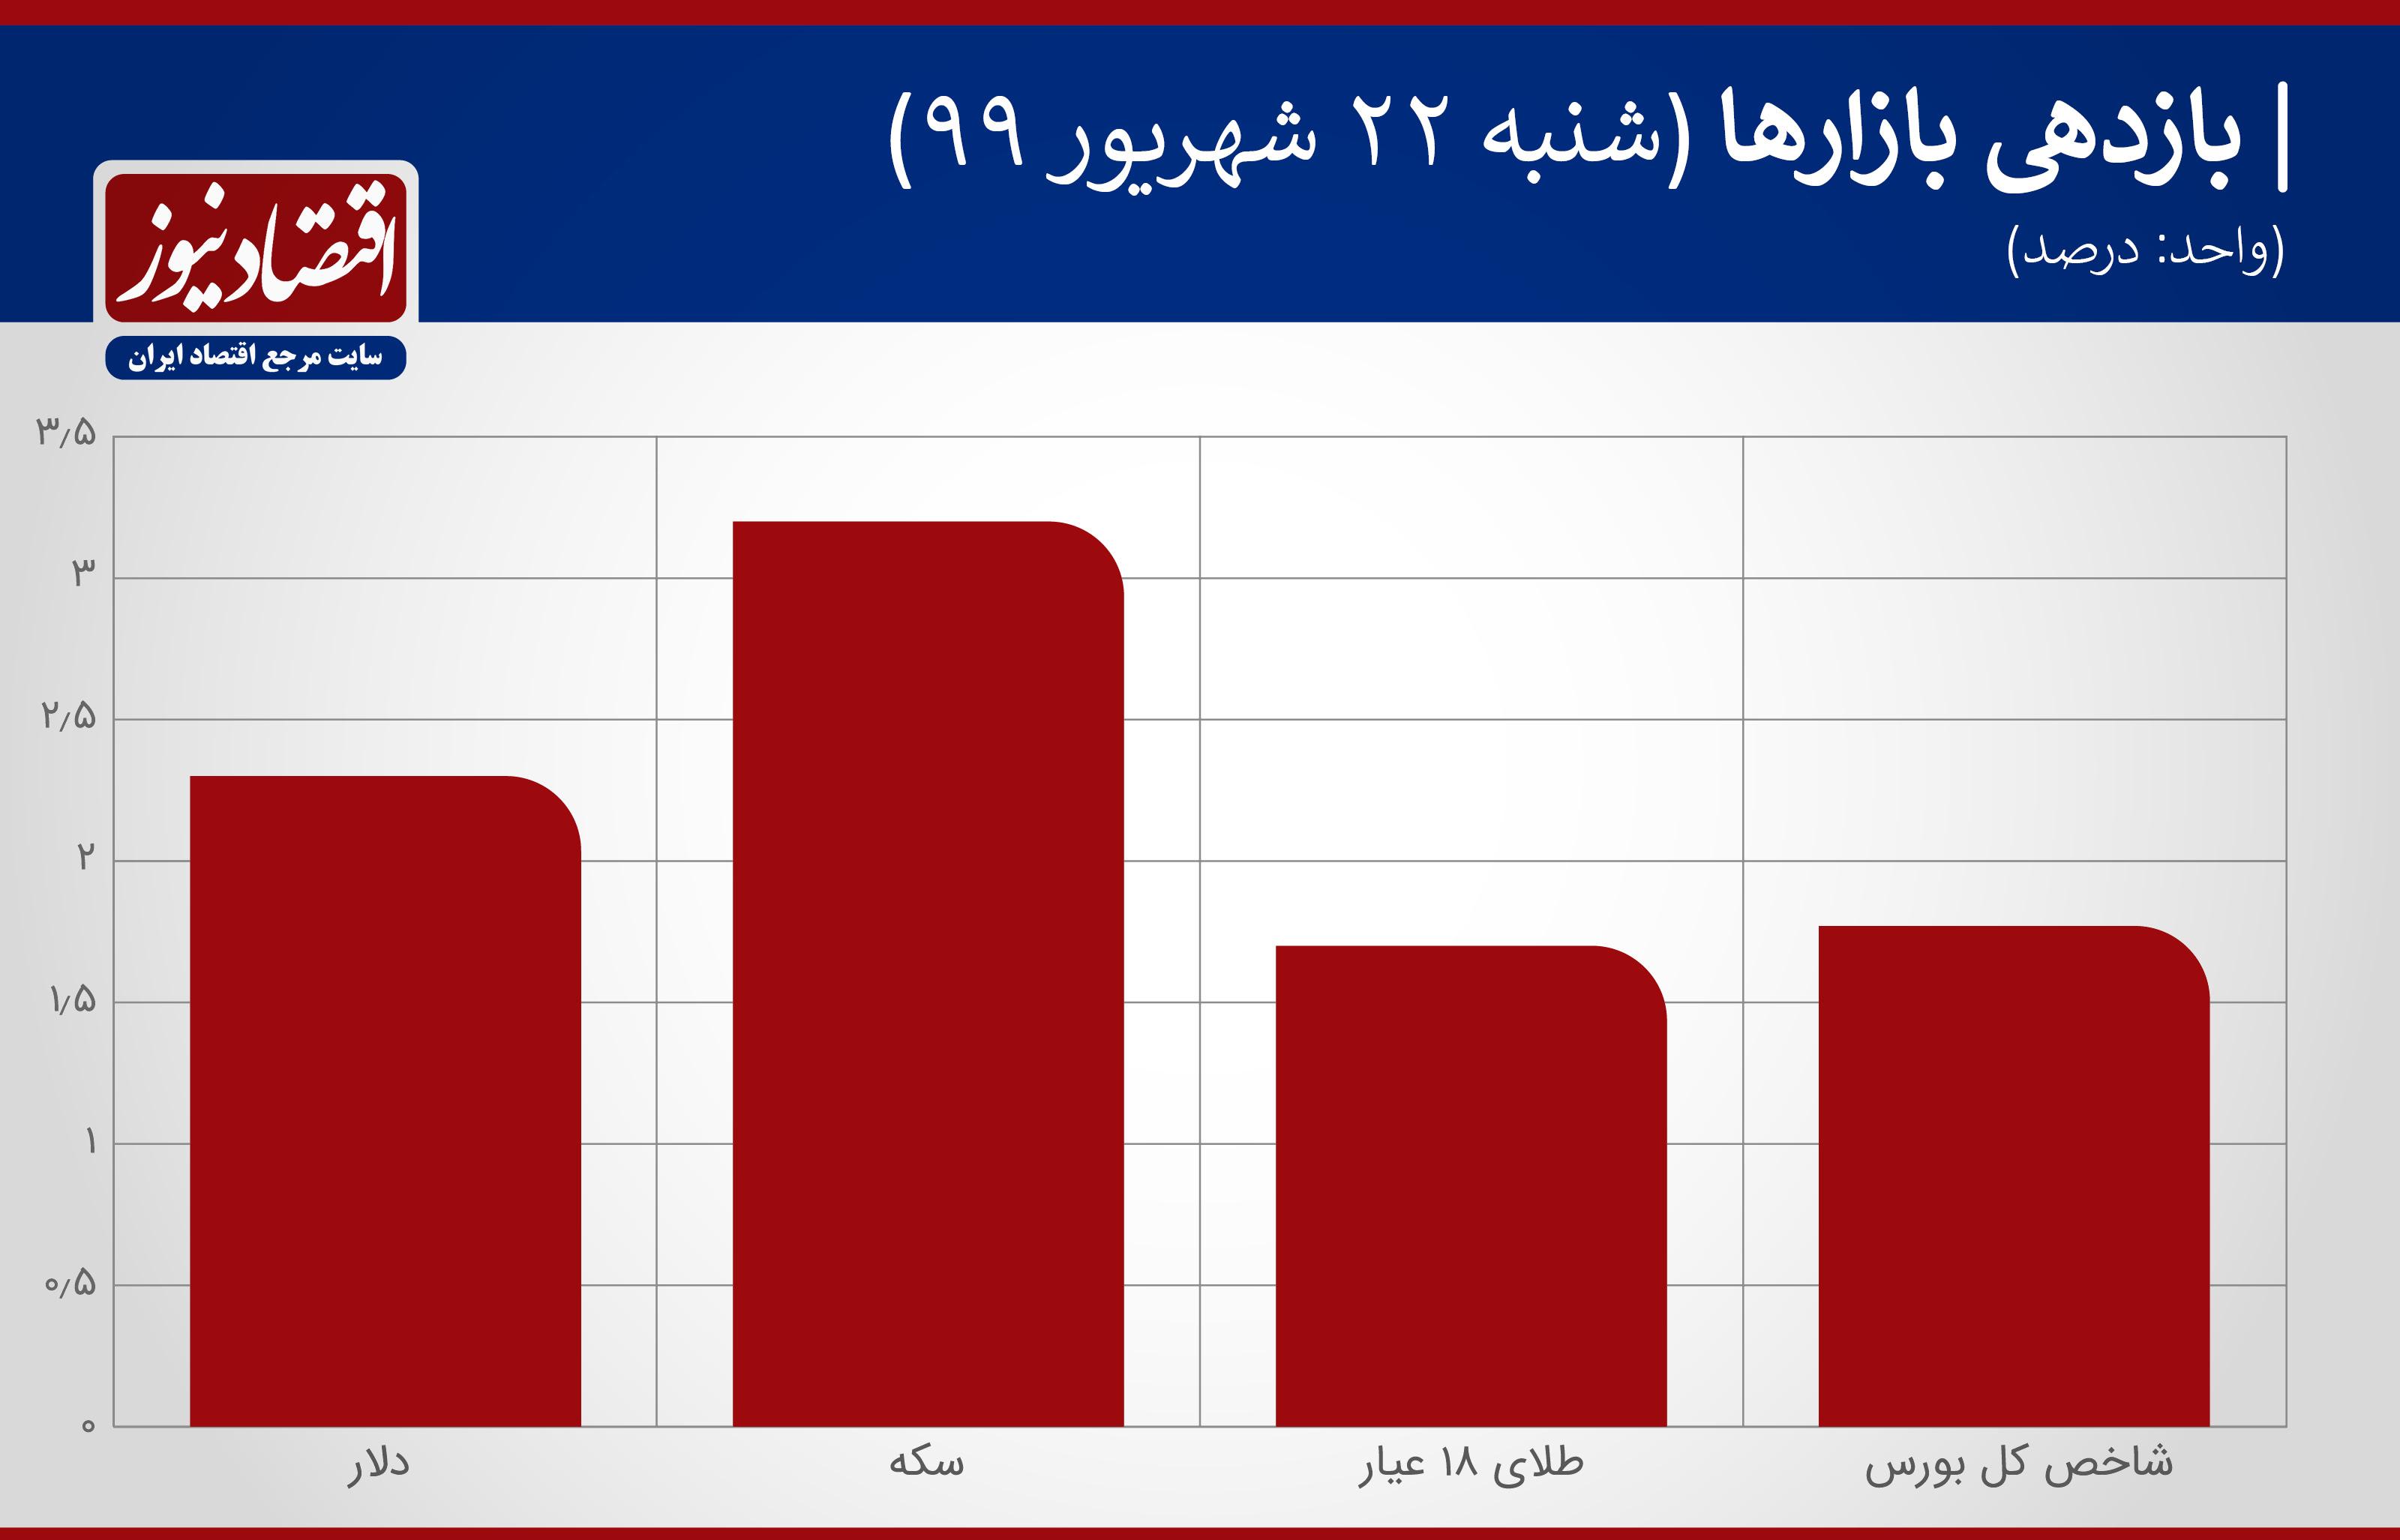 نمودار بازدهی بازارها 22 شهریور